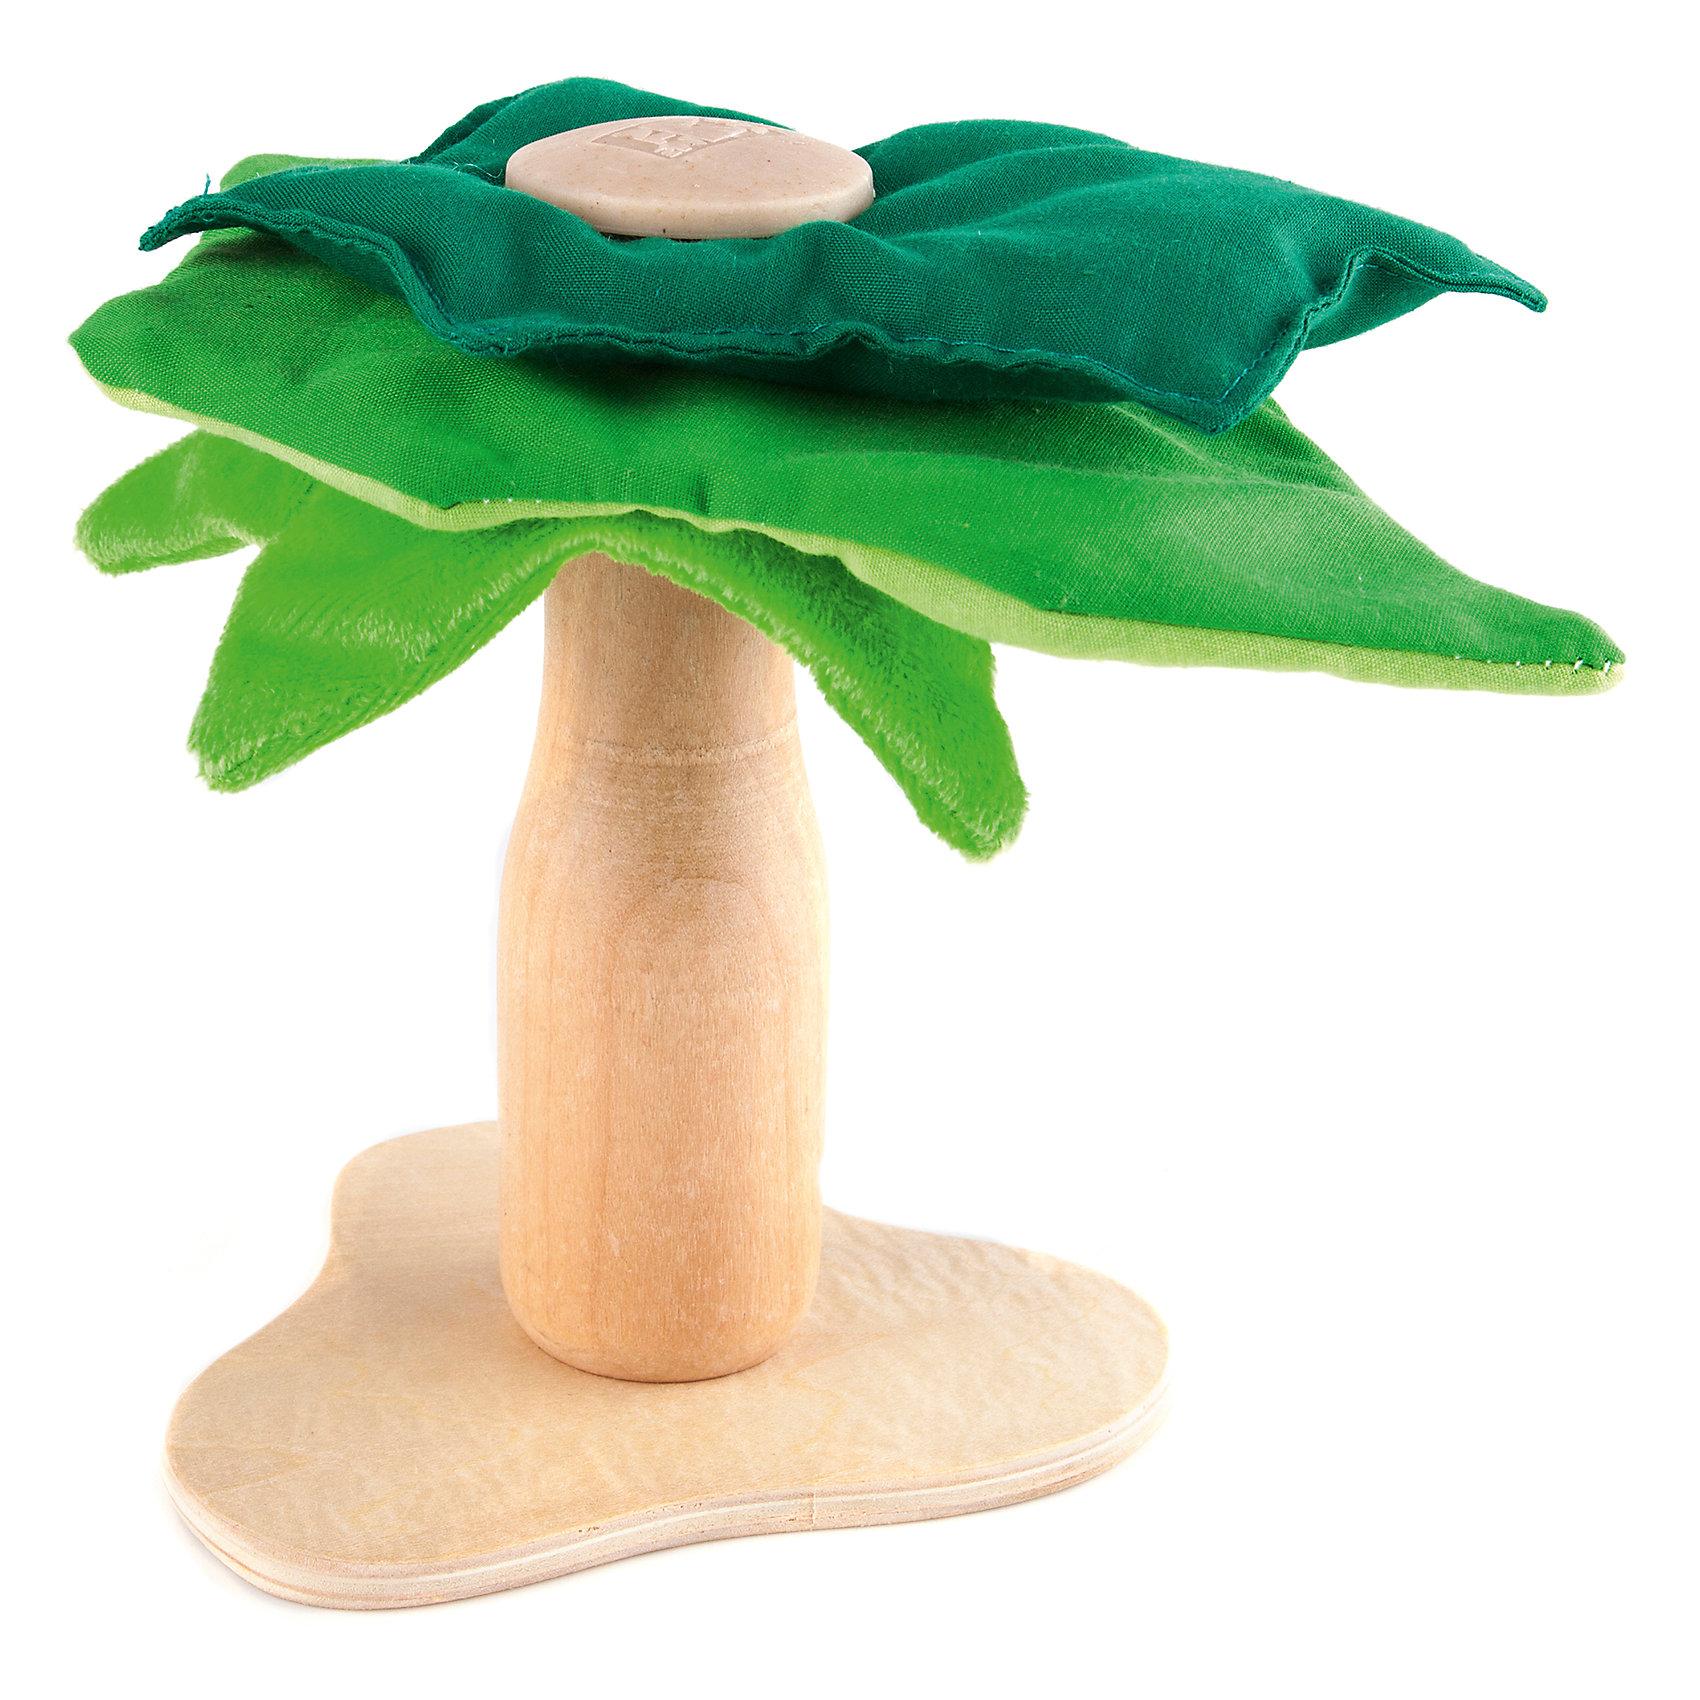 Дикое дерево,  AnaMalzМир животных<br>Чудесные деревянные игрушки AnaMalz очаруют и детей и их родителей, а их трогательный внешний вид и оригинальный современный дизайн изменят Ваше привычное представление о деревянных игрушках. Придуманные австралийским дизайнером Луизой Косан-Скотт, деревянные фигурки покоряют своим уютом и пластичностью и уже завоевали множество наград, включая международную премию в области дизайна Standards Australia. Для изготовления игрушек используется быстрорастущее игольчатое дерево (schima superba), которое специально выращивают на плантациях. Отдельные детали зверюшек выполнены из натуральных тканей и термопластичной резины (TPR) - безопасного материала, который является экологичной альтернативой пластмассе. Все фигурки AnaMalz раскрашиваются вручную с использованием безопасной для детей краски.<br><br>Симпатичная пальма AnaMalz станет отличным дополнением к деревянным зверюшкам и декорацией для множества игр. Ствол и основание игрушки сделаны из дерева и имеют гладкую, приятную на ощупь поверхность. Зеленая крона выполнена из текстильных материалов разной фактуры и оттенков. Игрушка способствует развитию у ребенка тактильного восприятия и мелкой моторики.<br><br>Дополнительная информация:<br><br>- Материал: дерево, ткань.<br>- Размер игрушки: 14 х 11 х 16 см.<br>- Вес: 123 гр.<br><br>Дикое дерево, AnaMalz, можно купить в нашем интернет-магазине.<br><br>Ширина мм: 14<br>Глубина мм: 11<br>Высота мм: 16<br>Вес г: 123<br>Возраст от месяцев: 36<br>Возраст до месяцев: 168<br>Пол: Унисекс<br>Возраст: Детский<br>SKU: 4010637